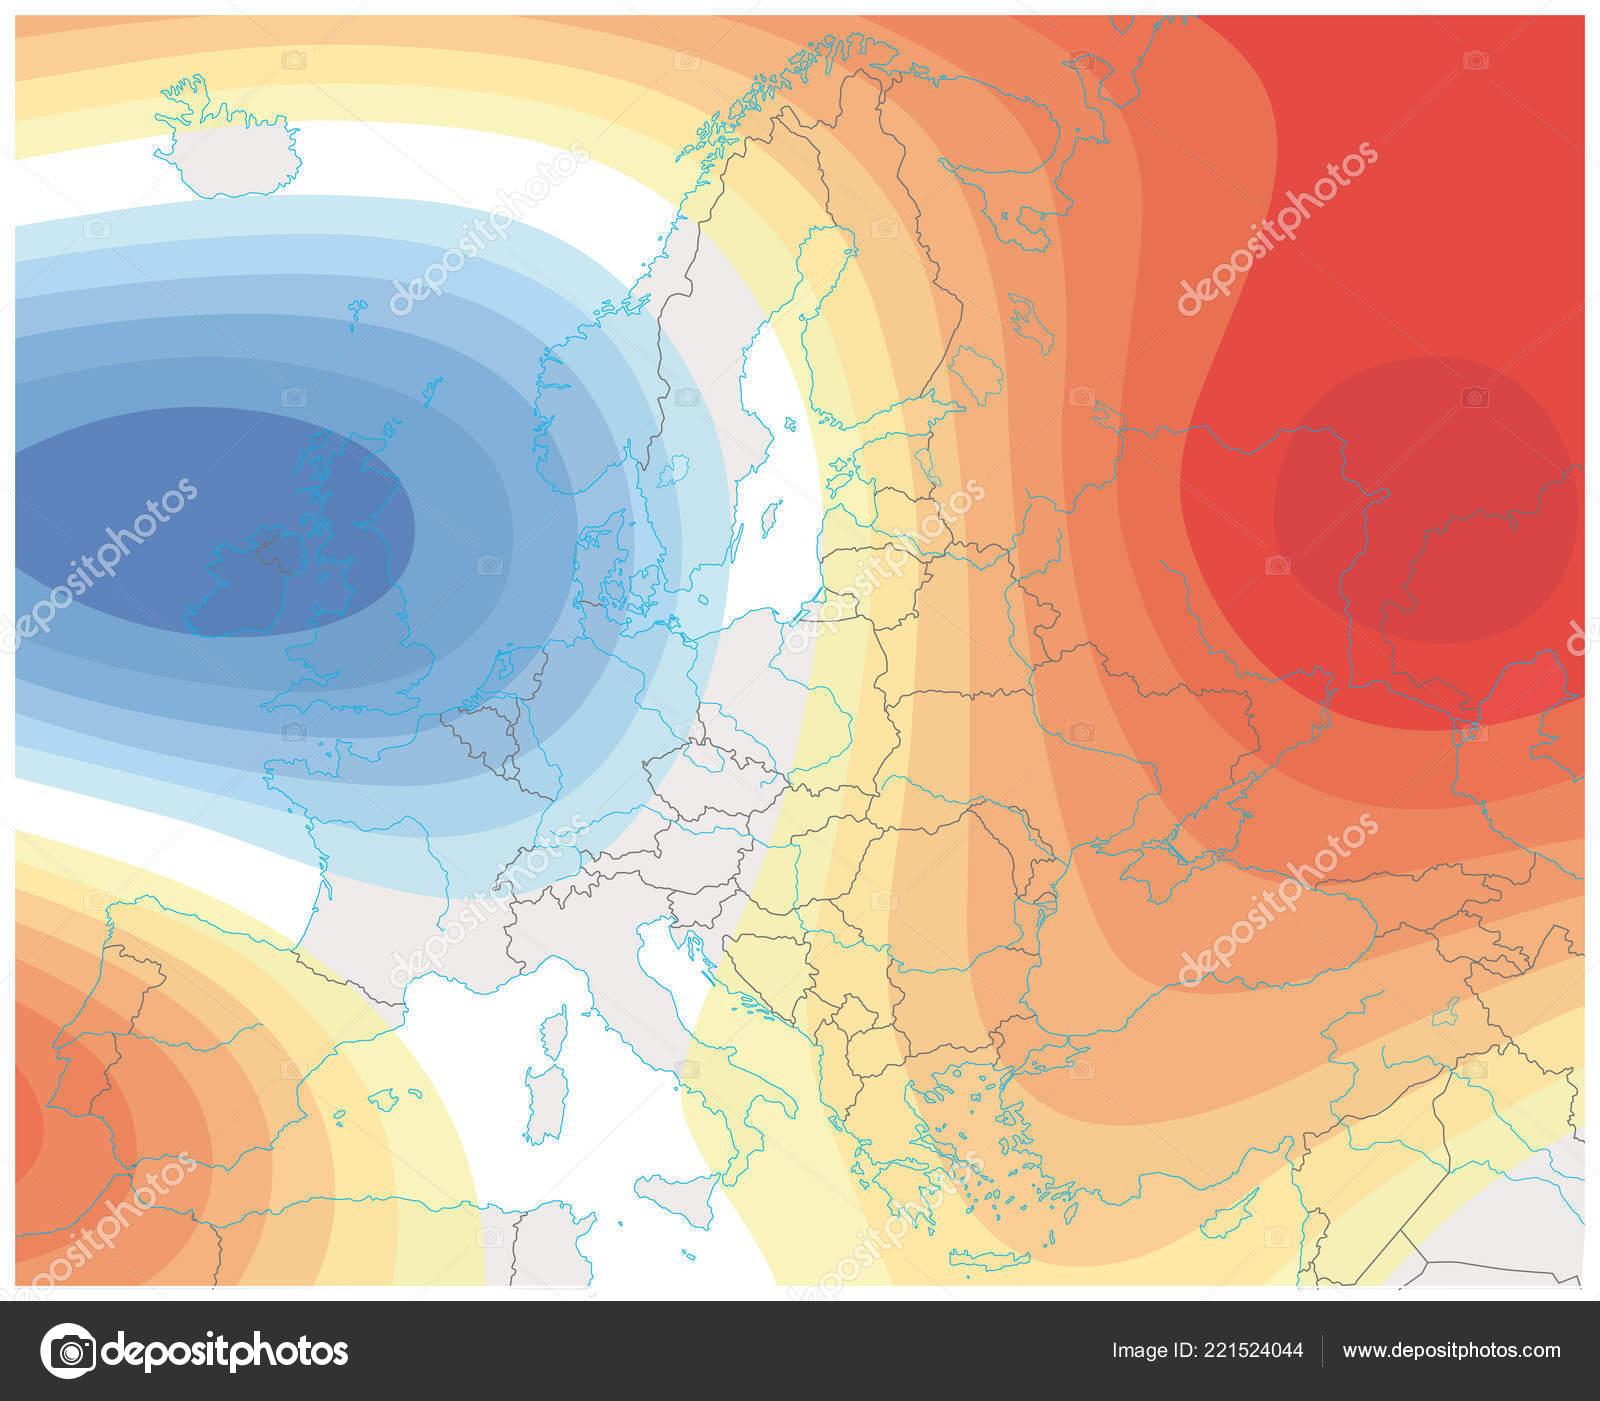 Mapa De Isobaras Europa.Imagen Tiempo Meteorologico Imaginario Del Mapa